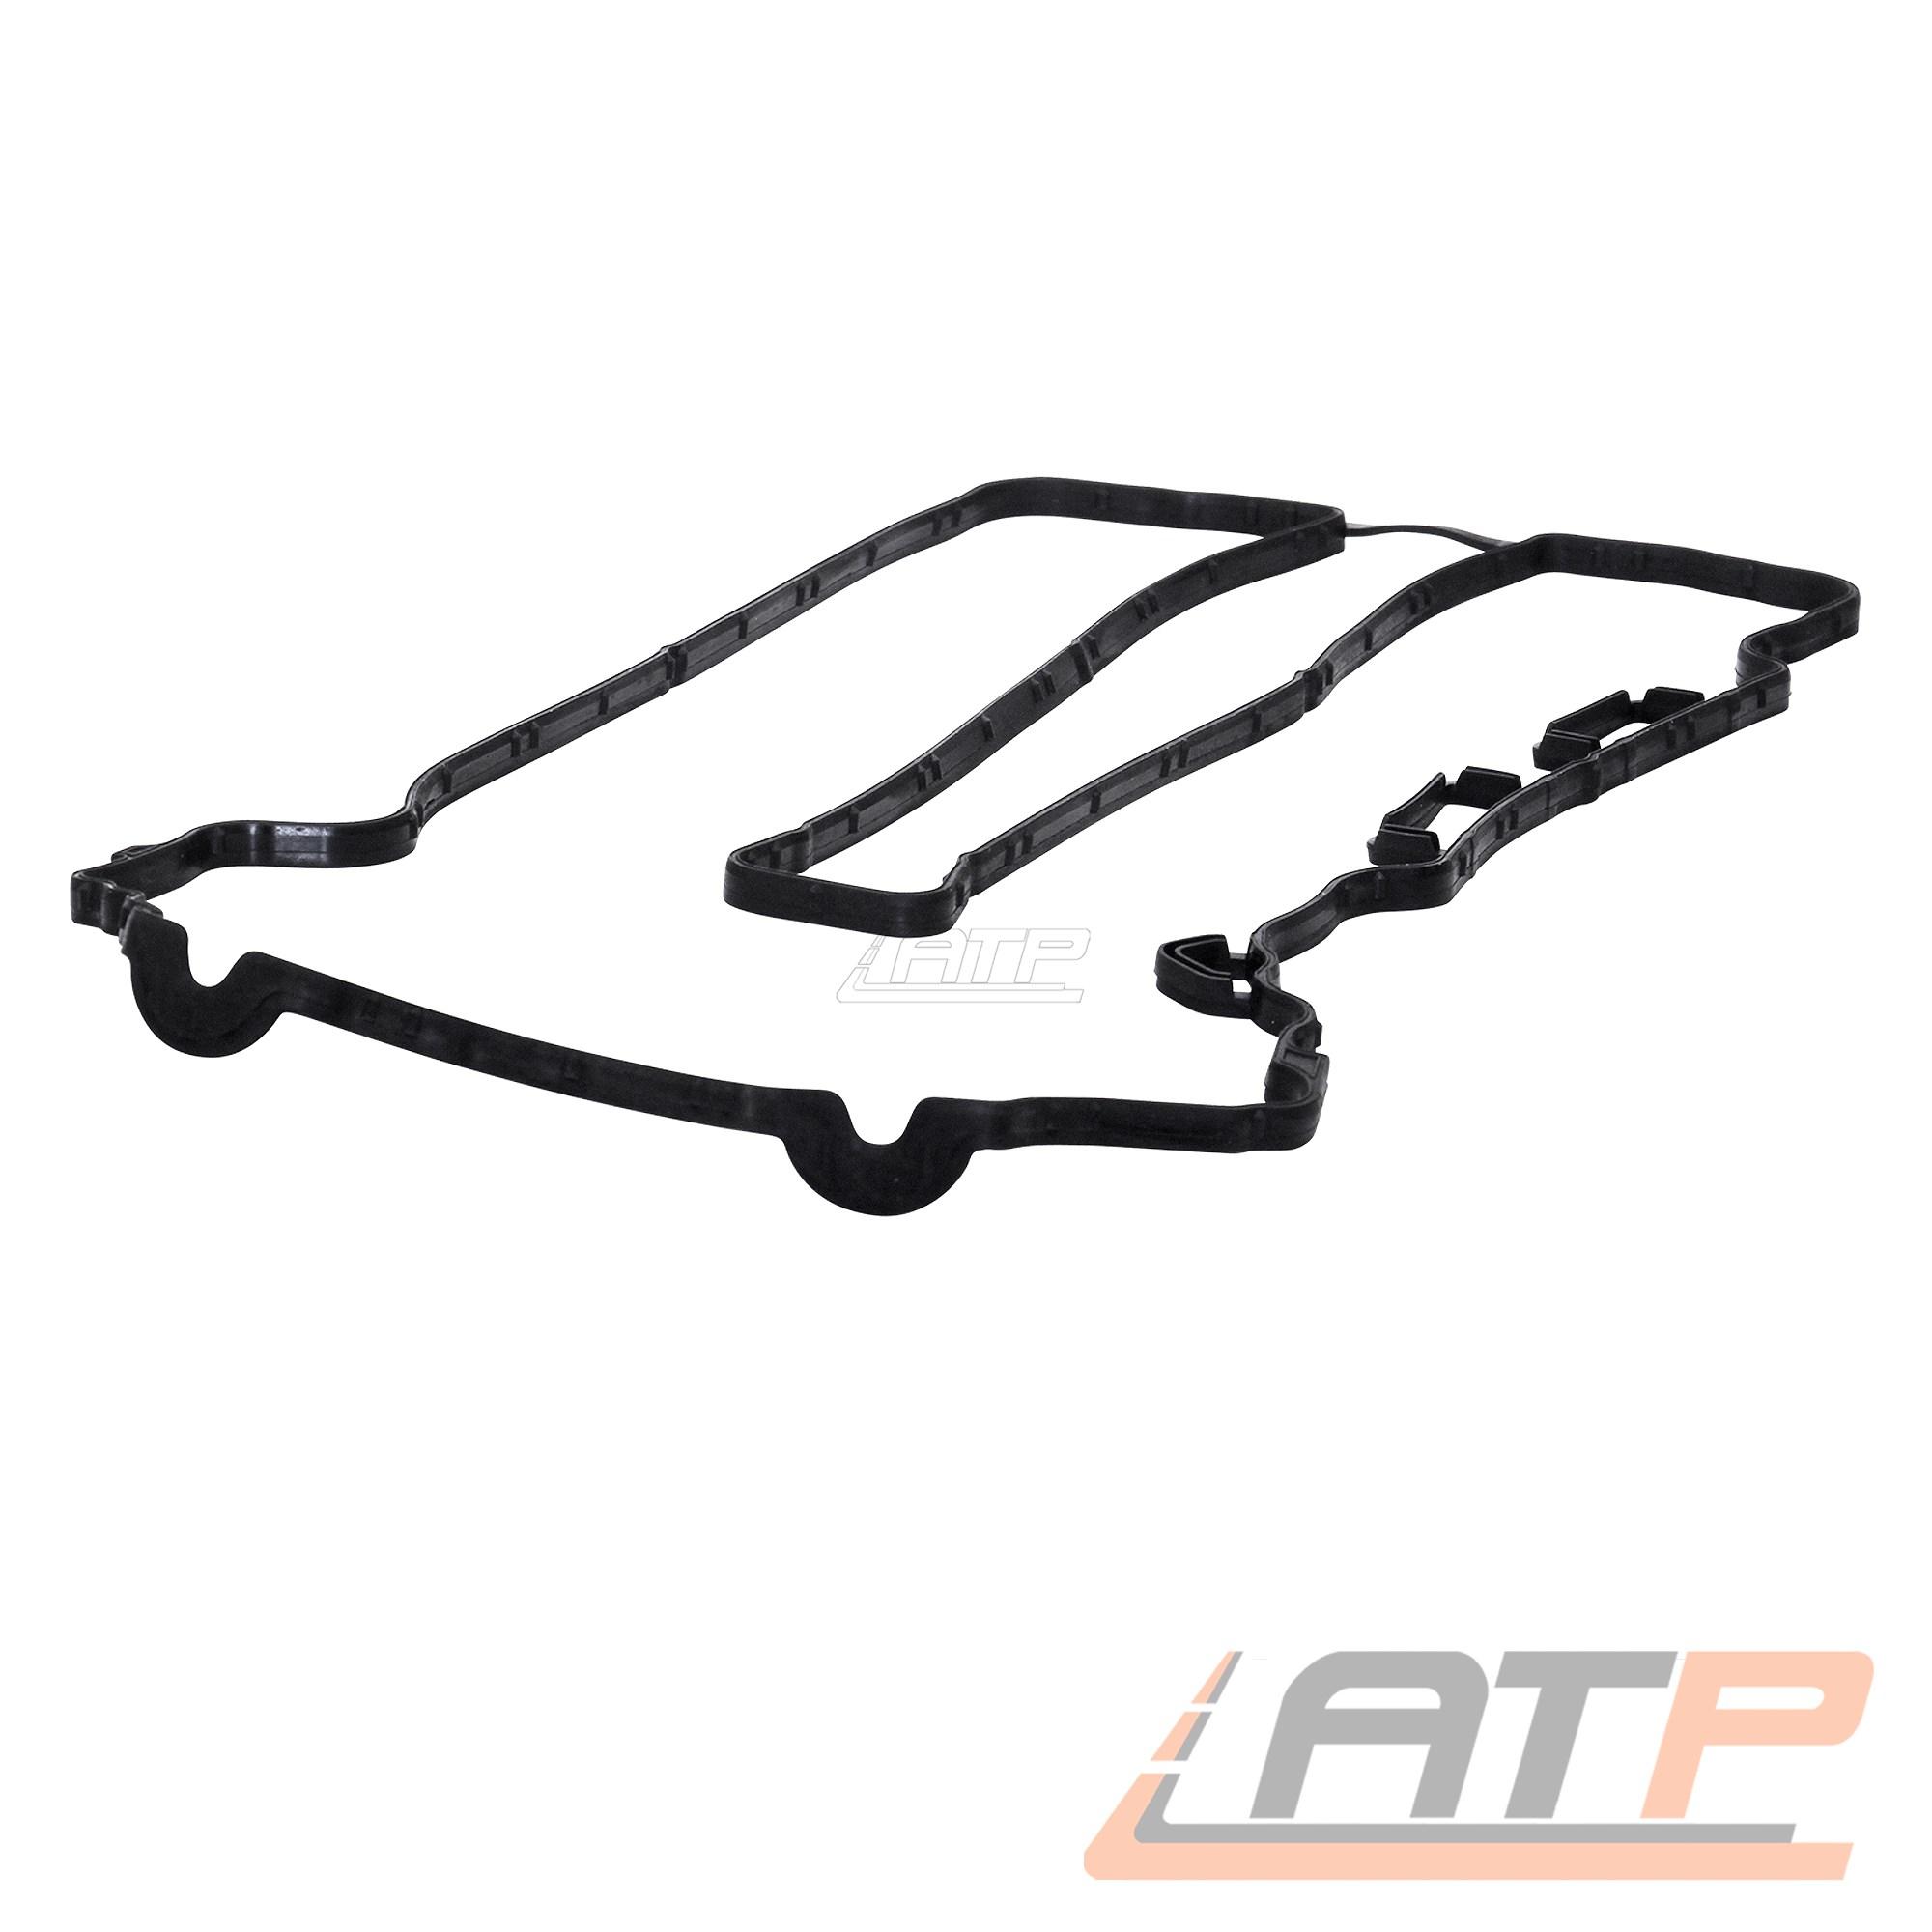 Steuerkette Satz Kettensatz Rep Satz Opel Astra G 1 2 16v